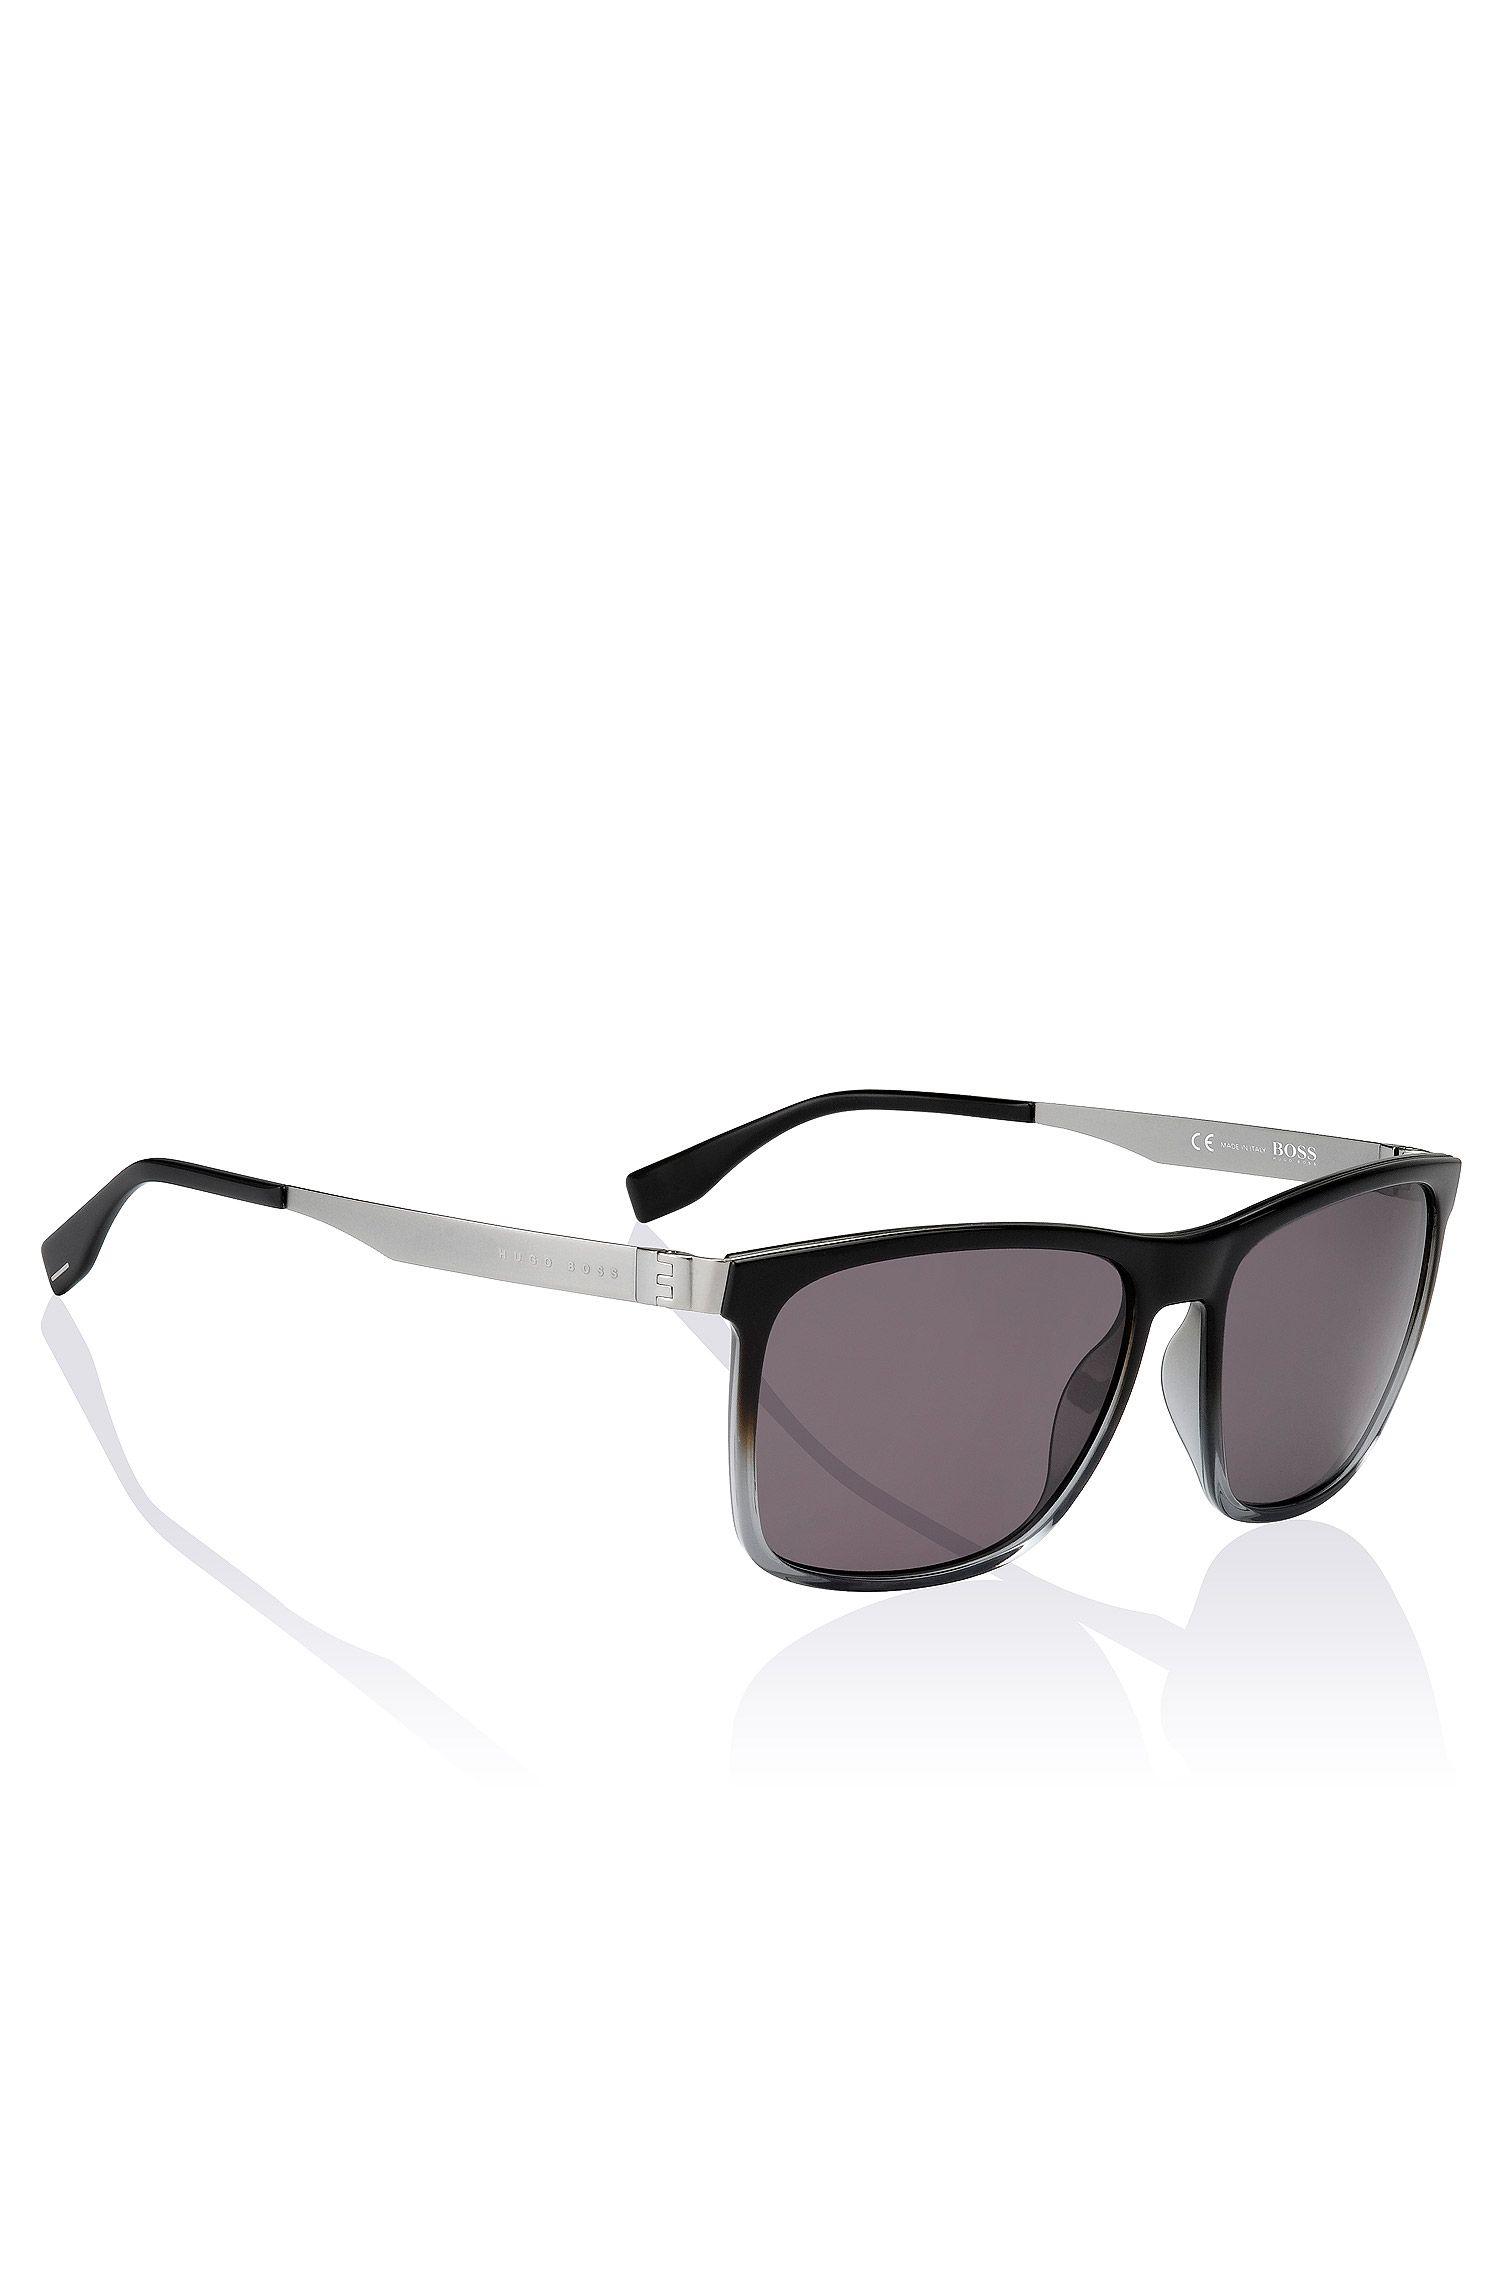 Gafas de sol 'BOSS 0671/S' en acetato y acero inoxidable